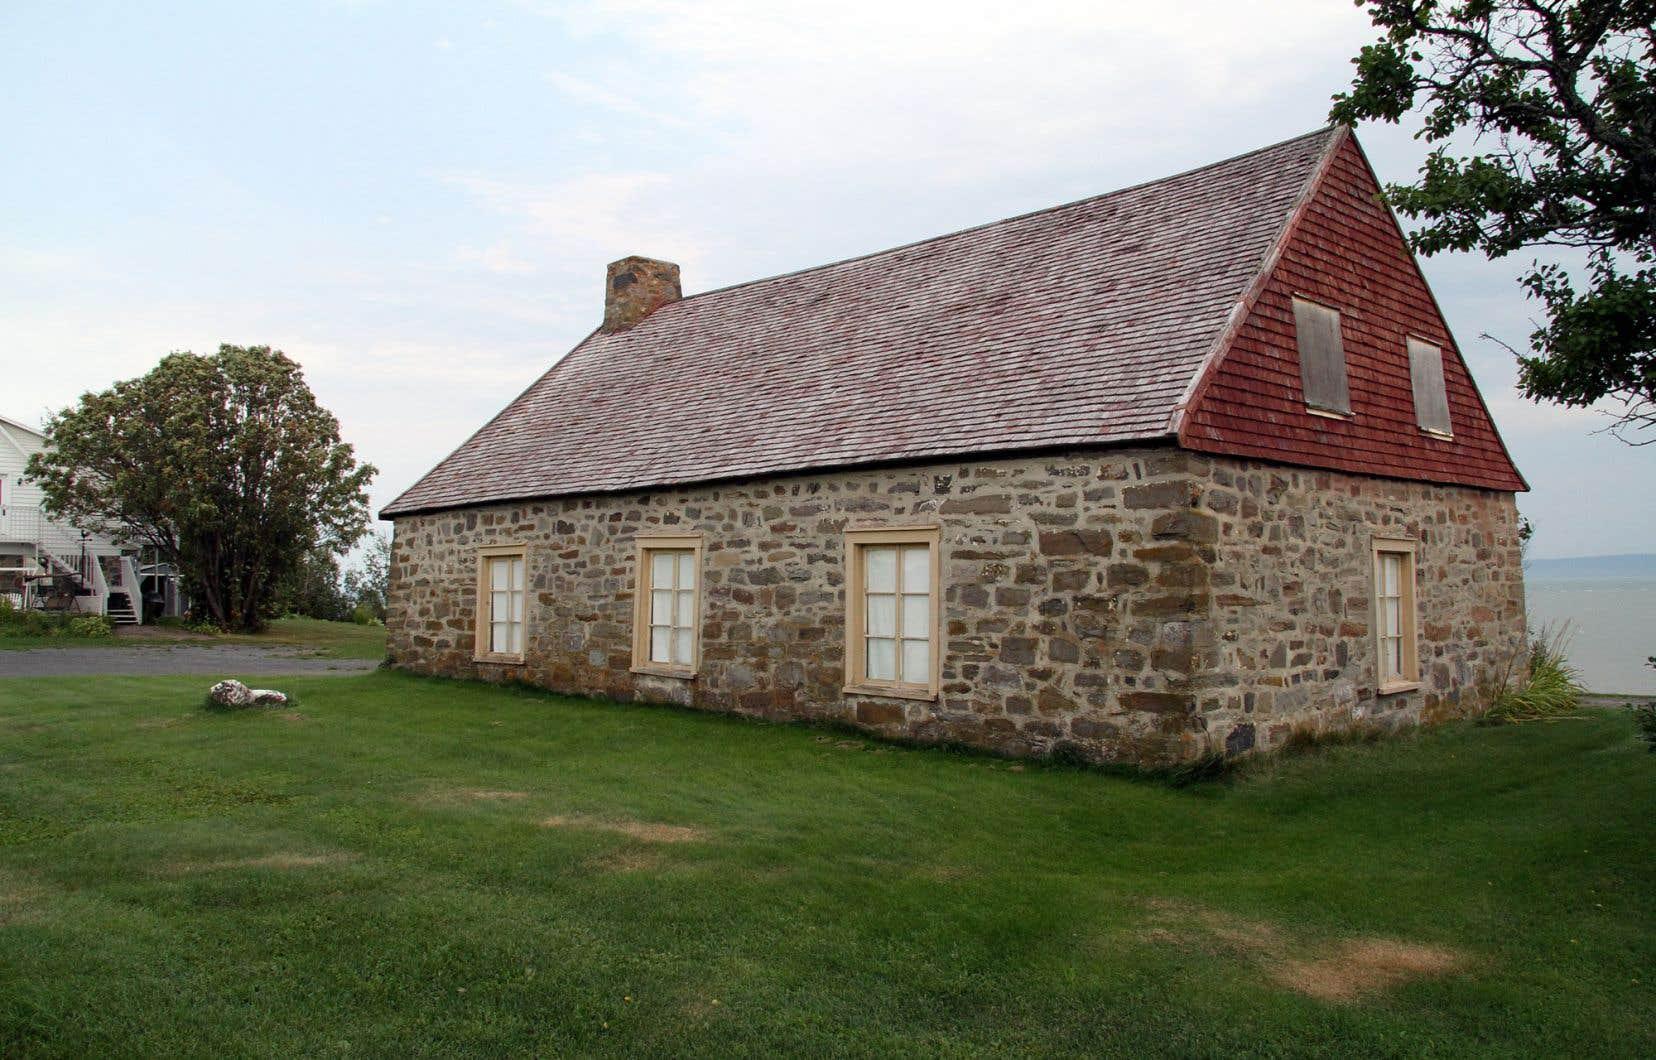 Dans la région de Charlevoix, sur une dizaine de bâtiments classés à titre de monuments historiques par nos gouvernements, trois étaient dans un état jugé inquiétant, dont la maison Leclerc à l'île aux Coudres (sur la photo), souligne l'auteur.